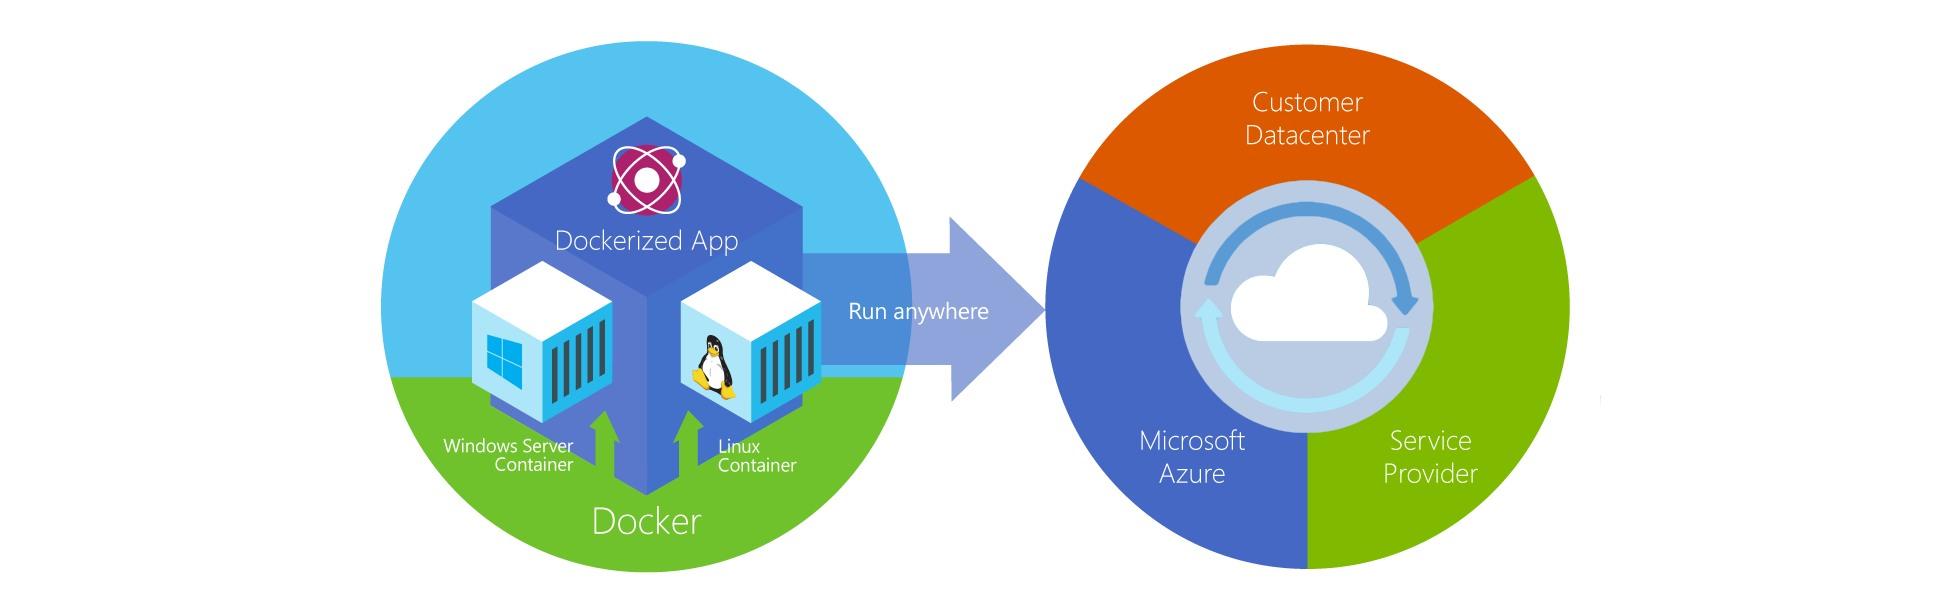 Docker Microsoft Azure Banner